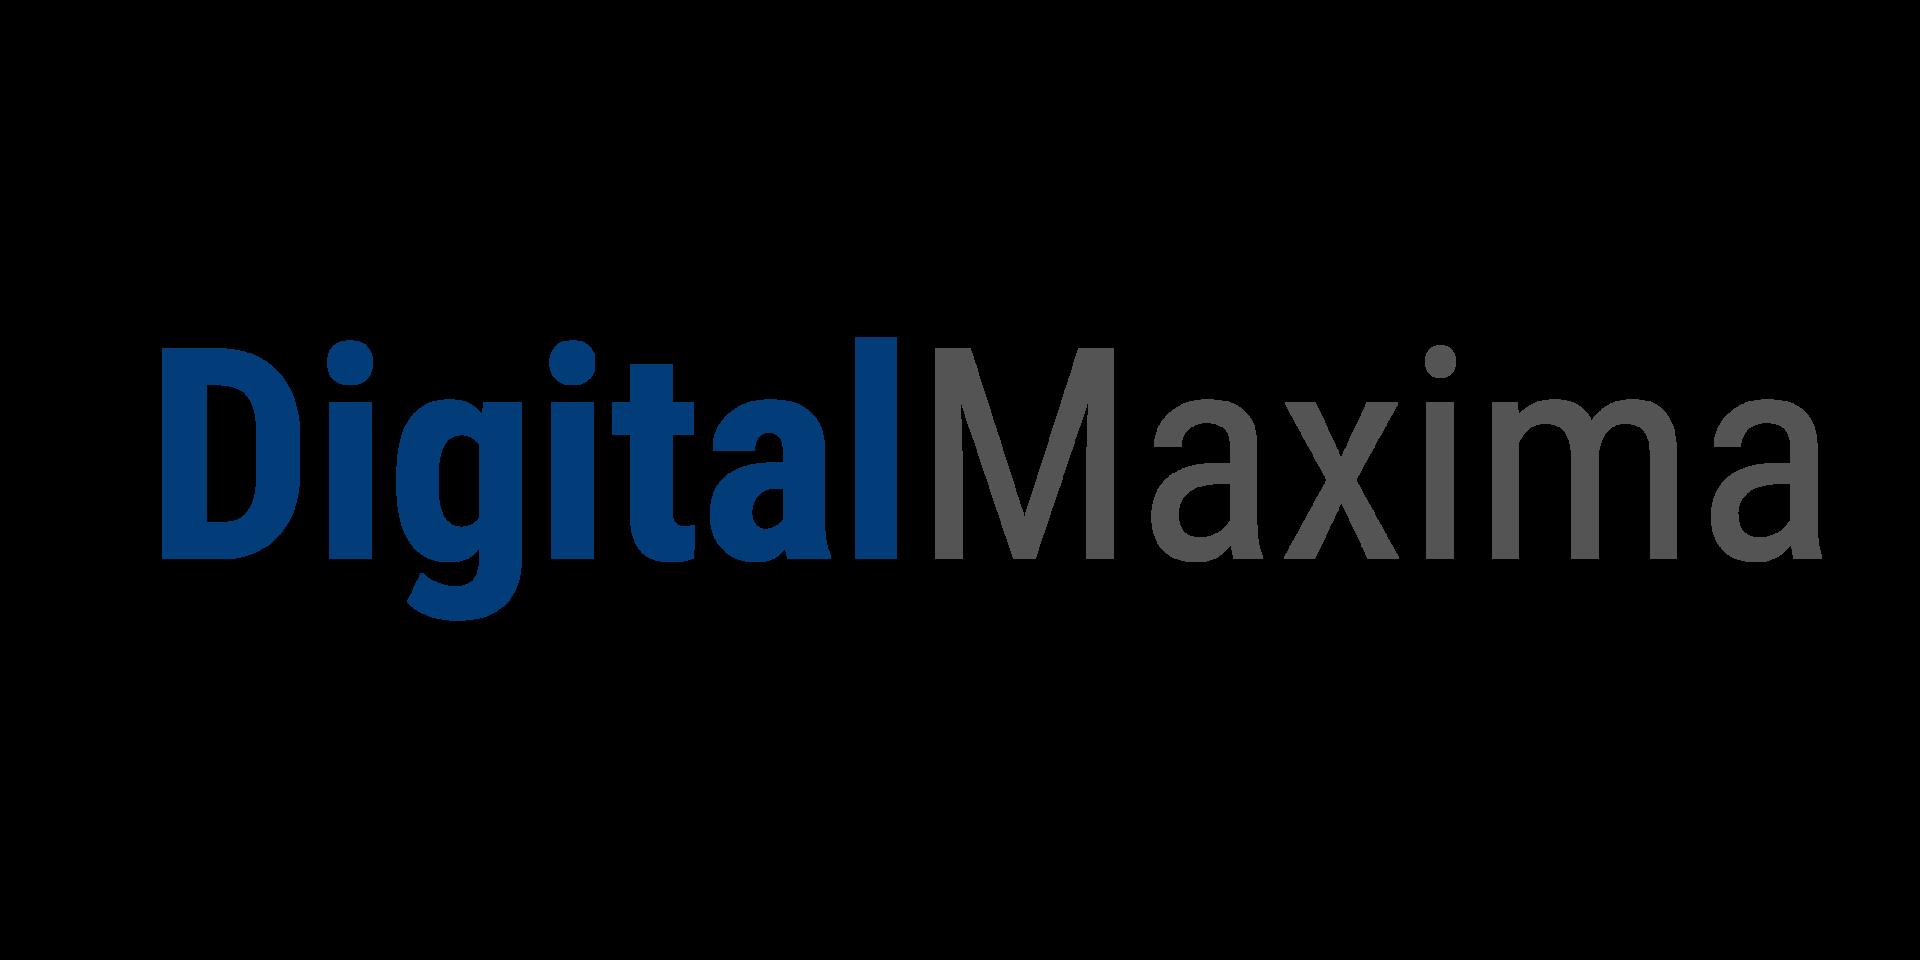 Digital Maxima